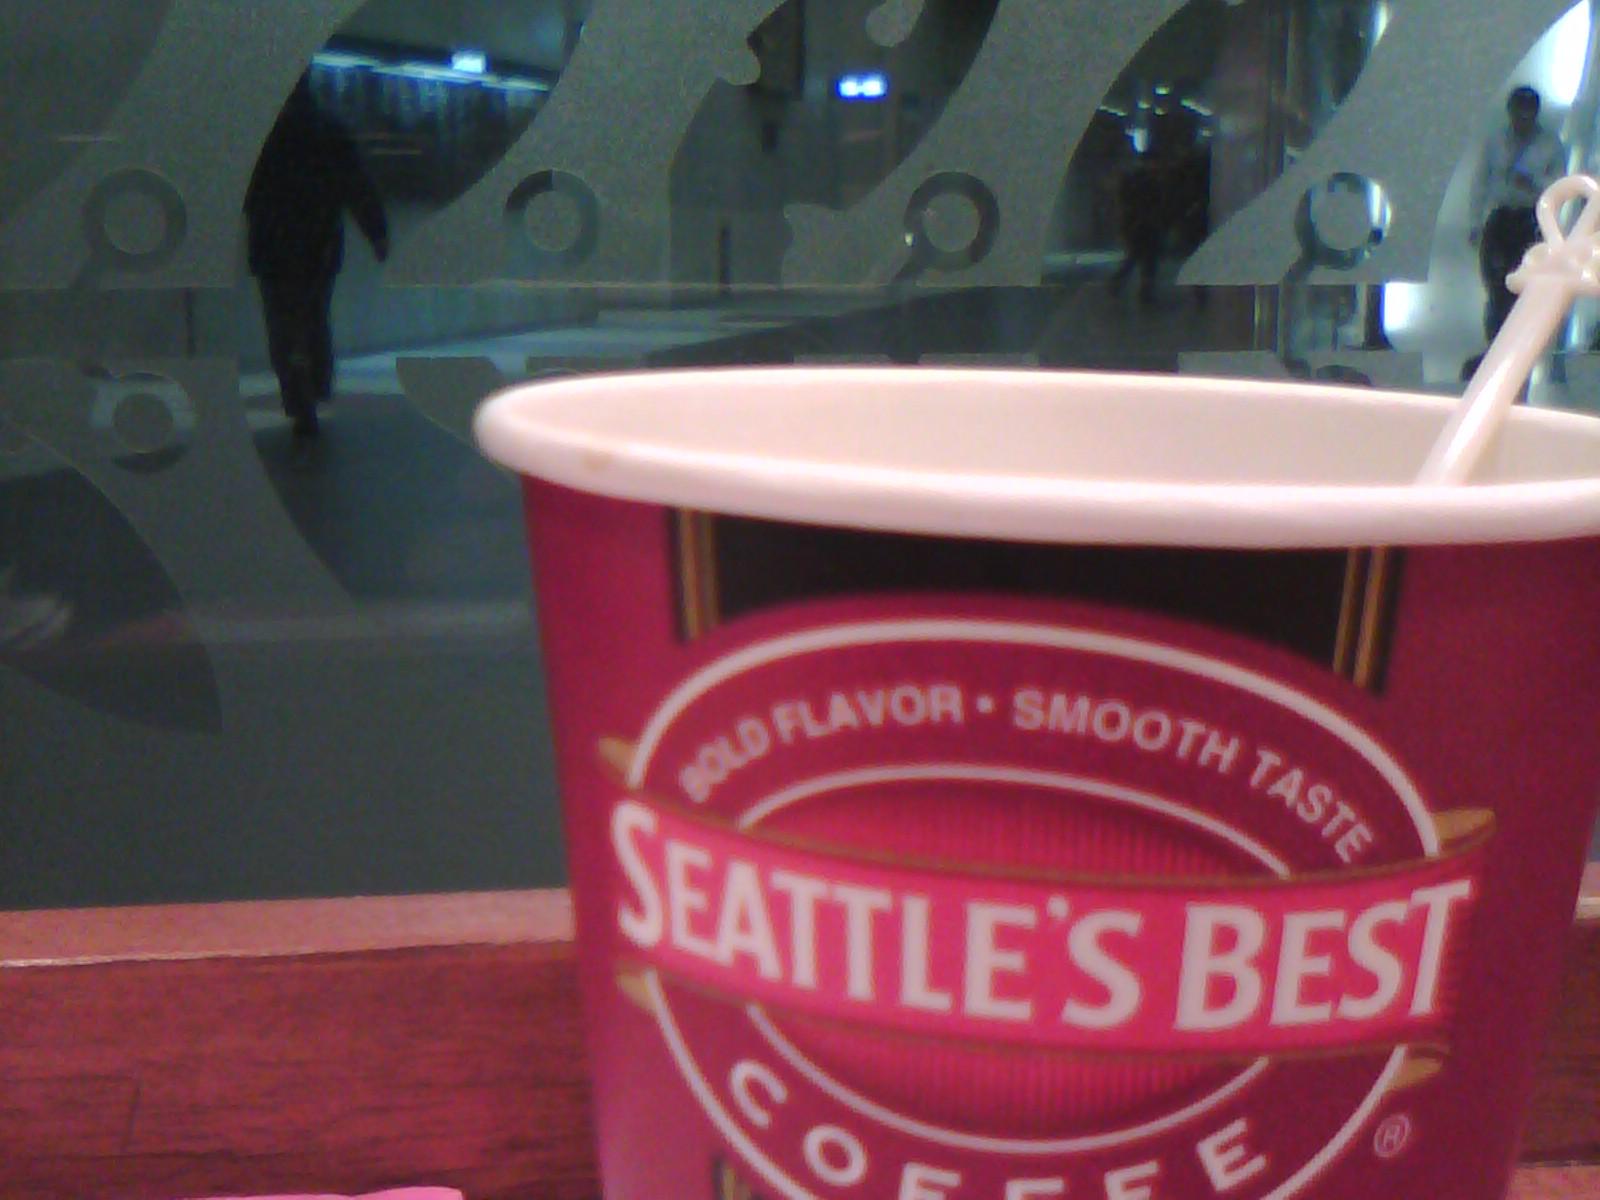 シアトルズ・ベスト・コーヒー